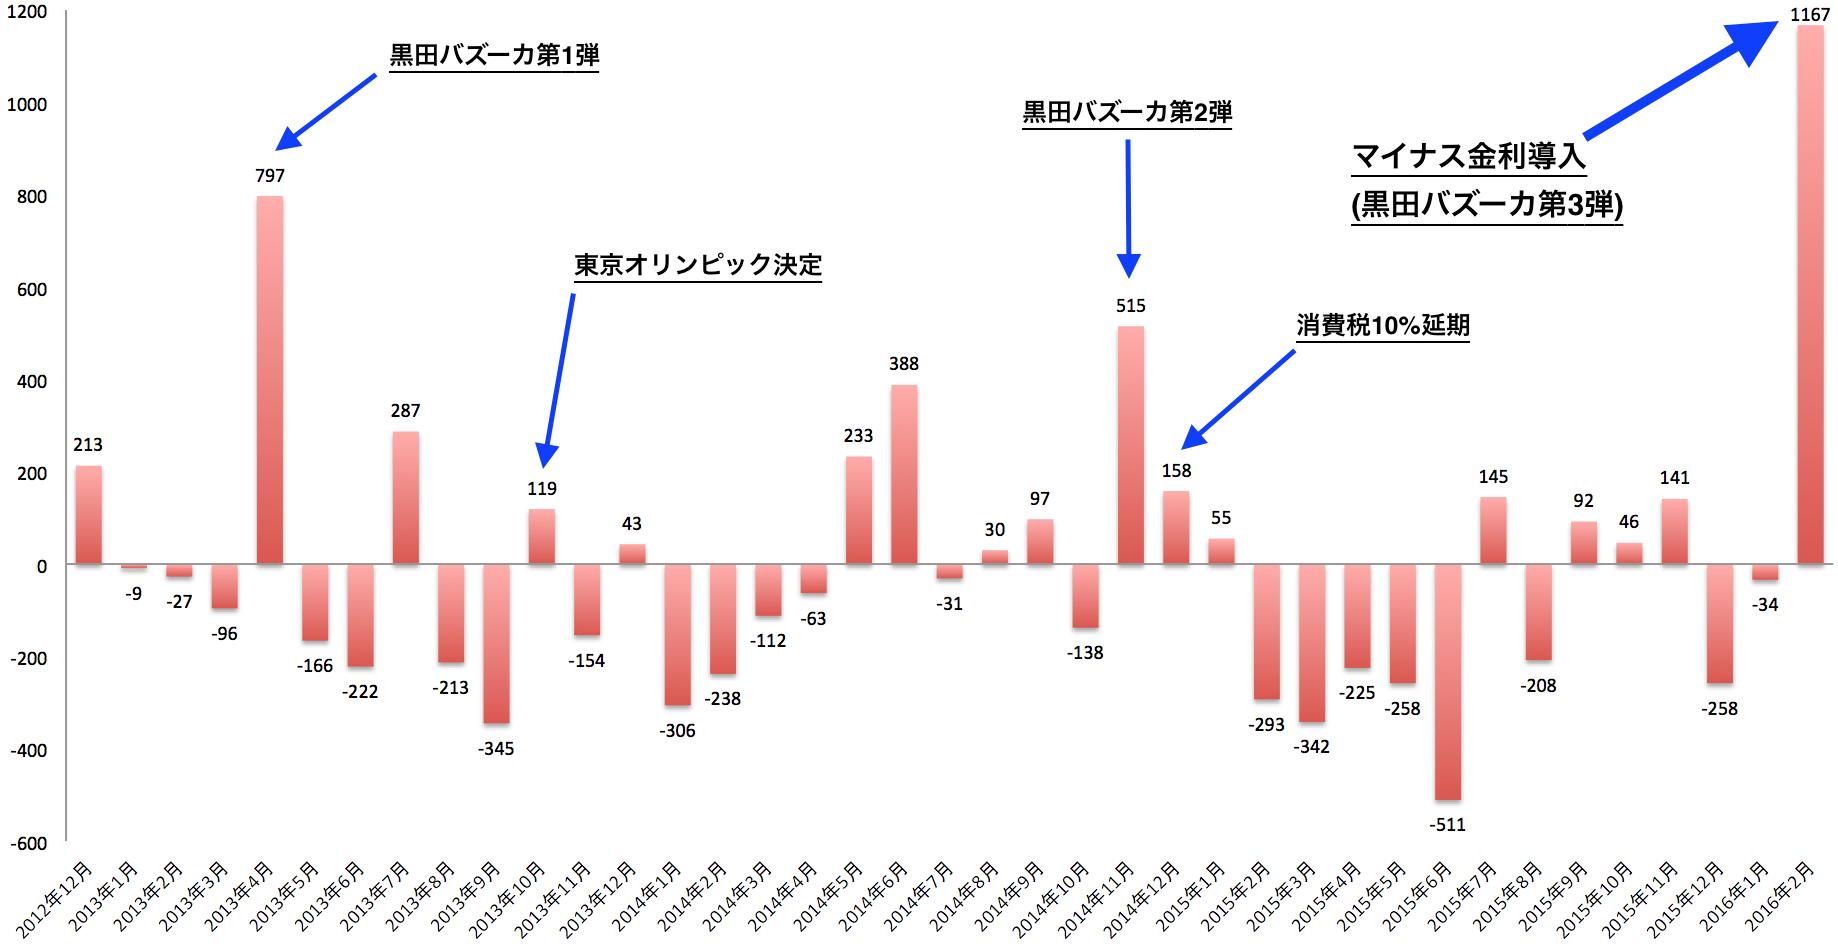 東証REIT外国人投資家売買状況